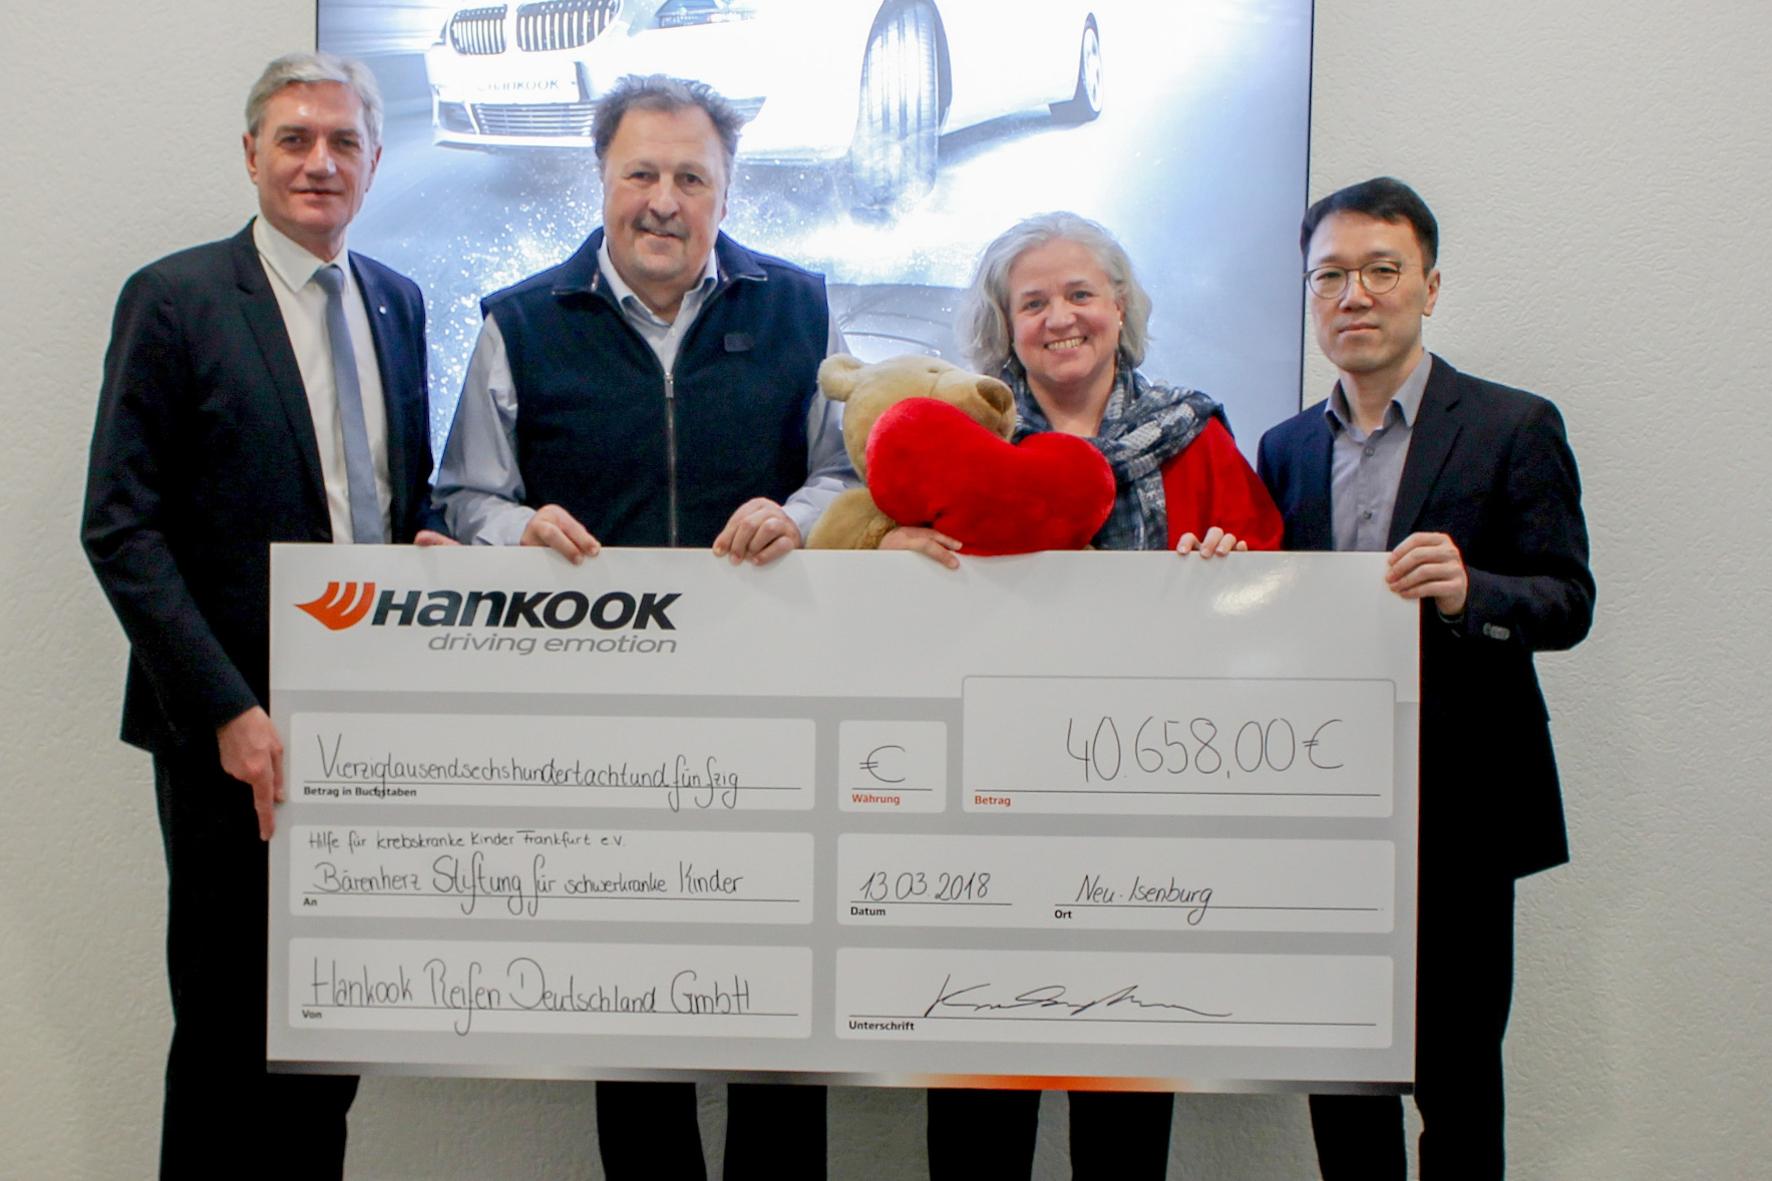 mid Groß-Gerau - Tolle Sache: Mit verschiedenen Aktionen sammelt Reifenhersteller Hankook insgesamt 40.658 Euro für den Verein